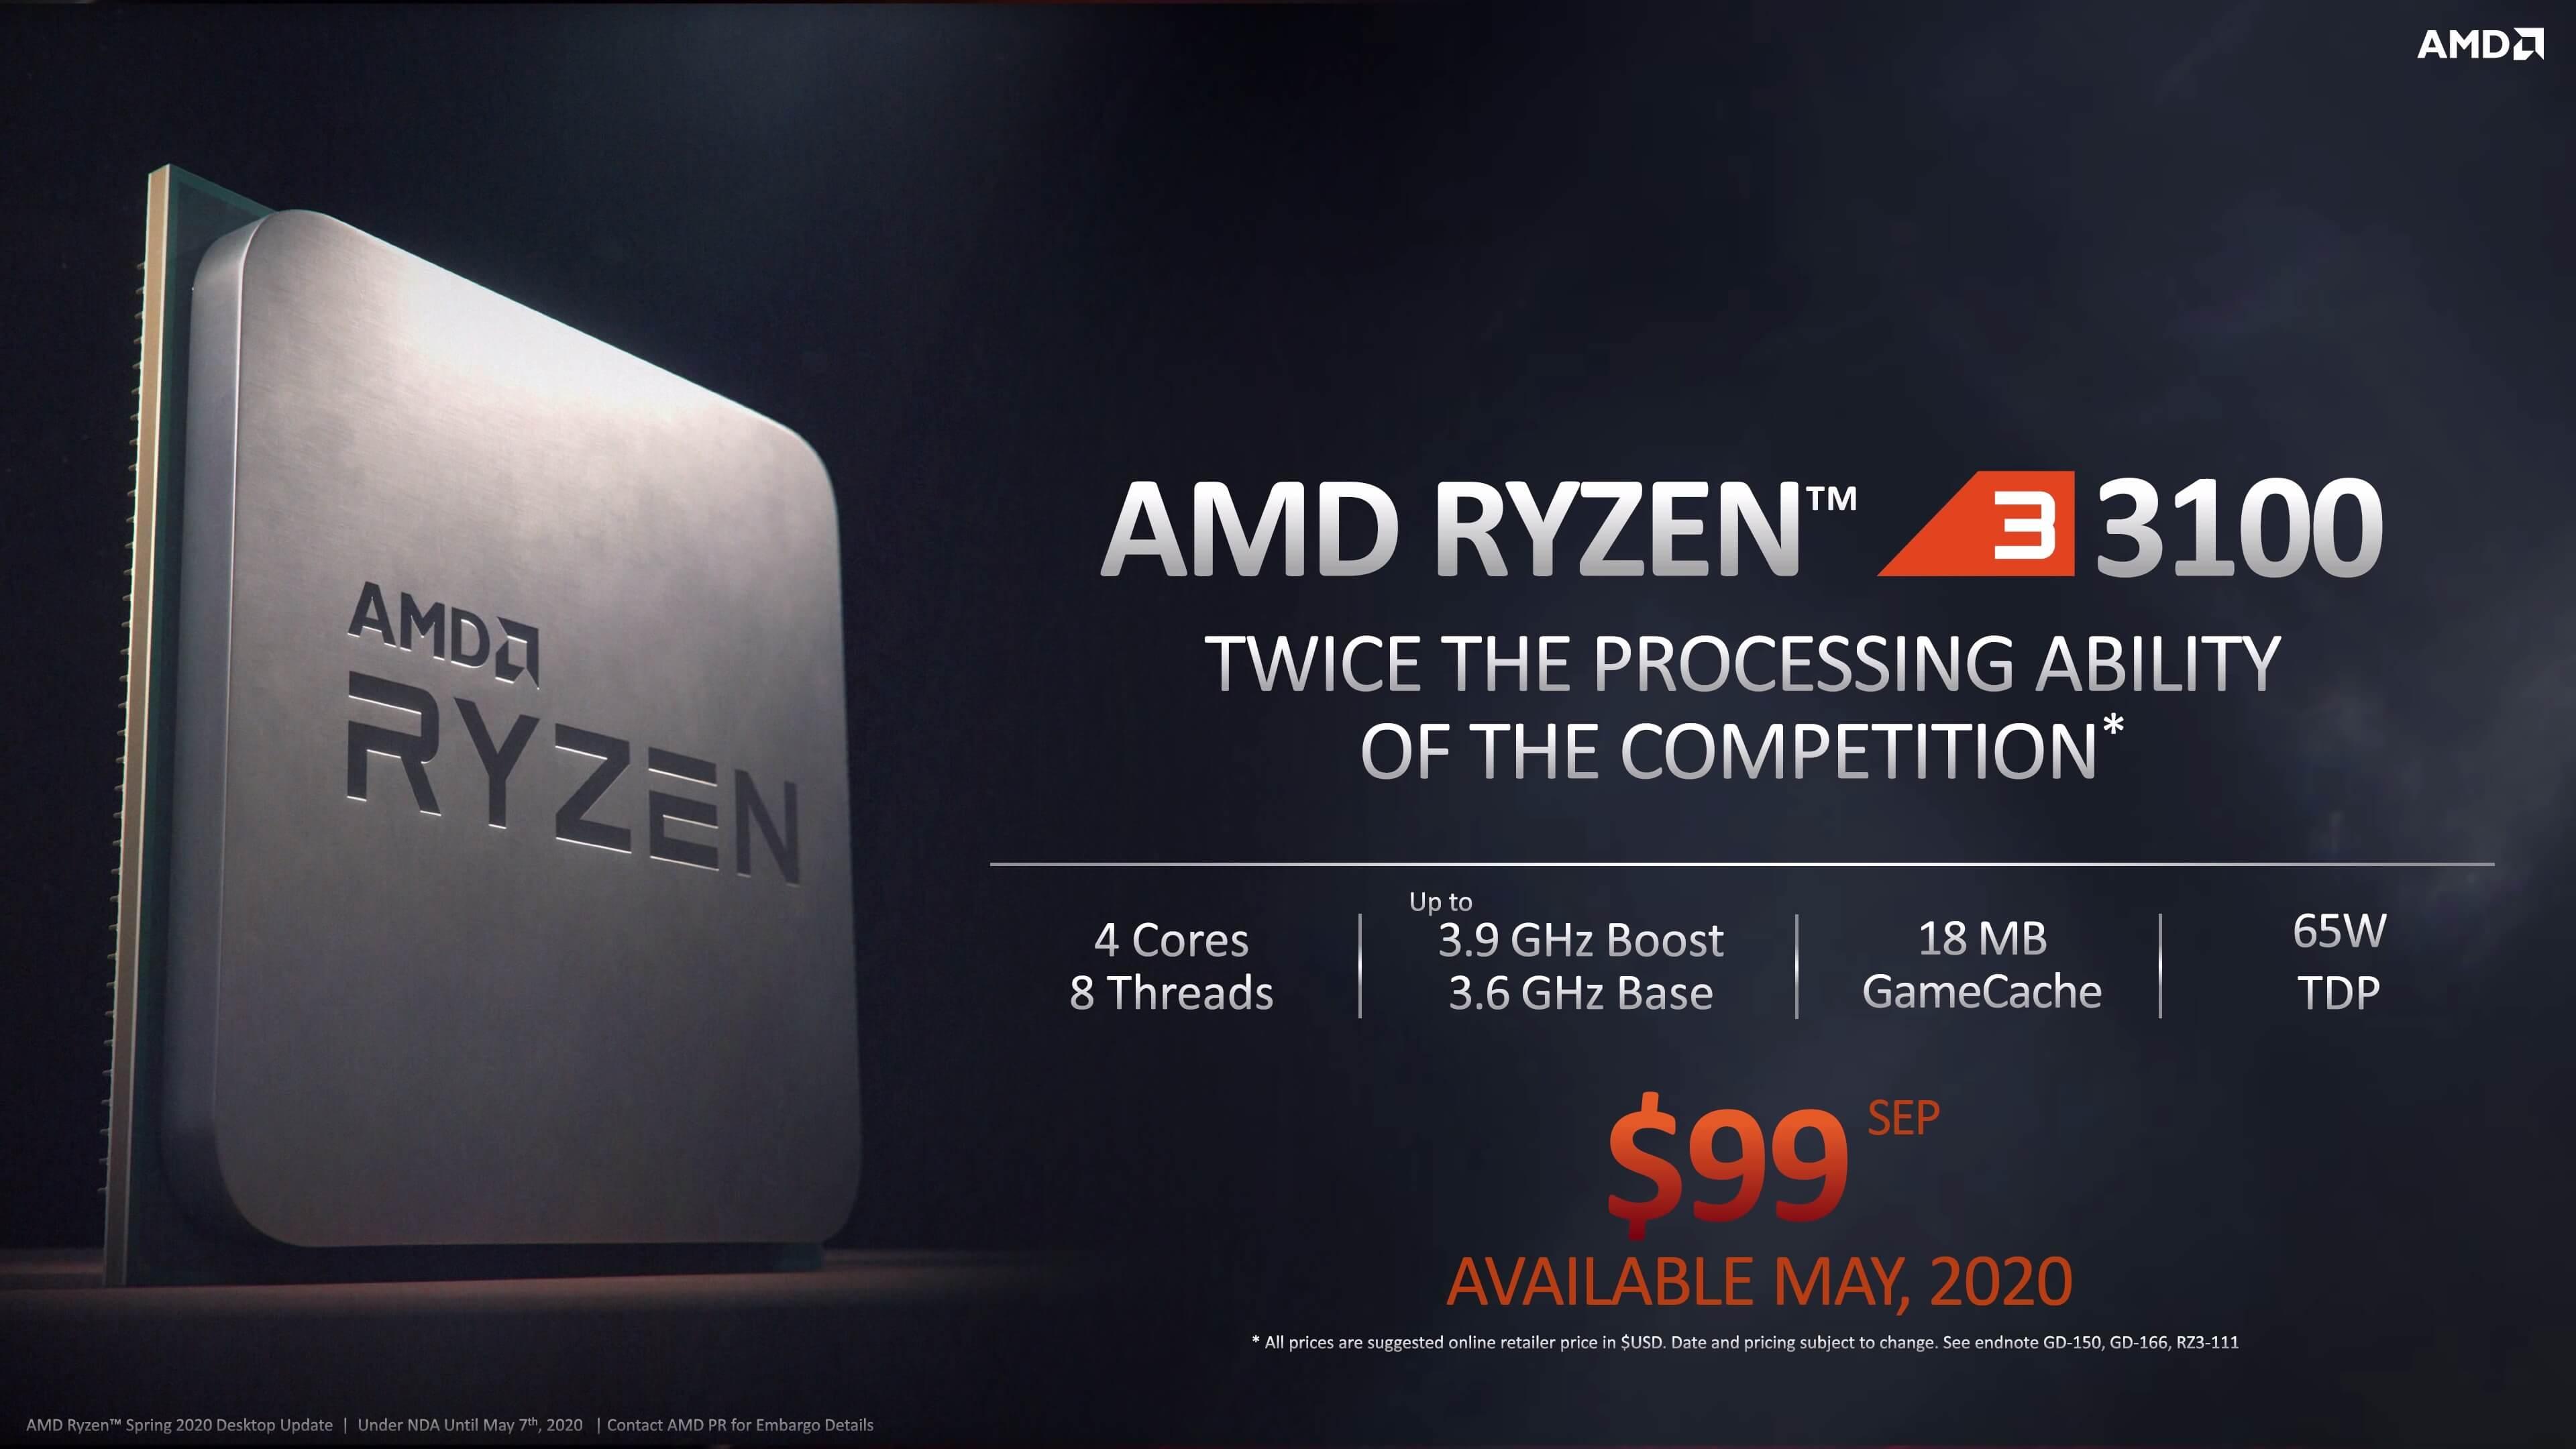 Amd Ryzen 3 3100 Và Ryzen 3 3300X - Sự Lựa Chọn Tốt Nhất Trong Tầm Giá!